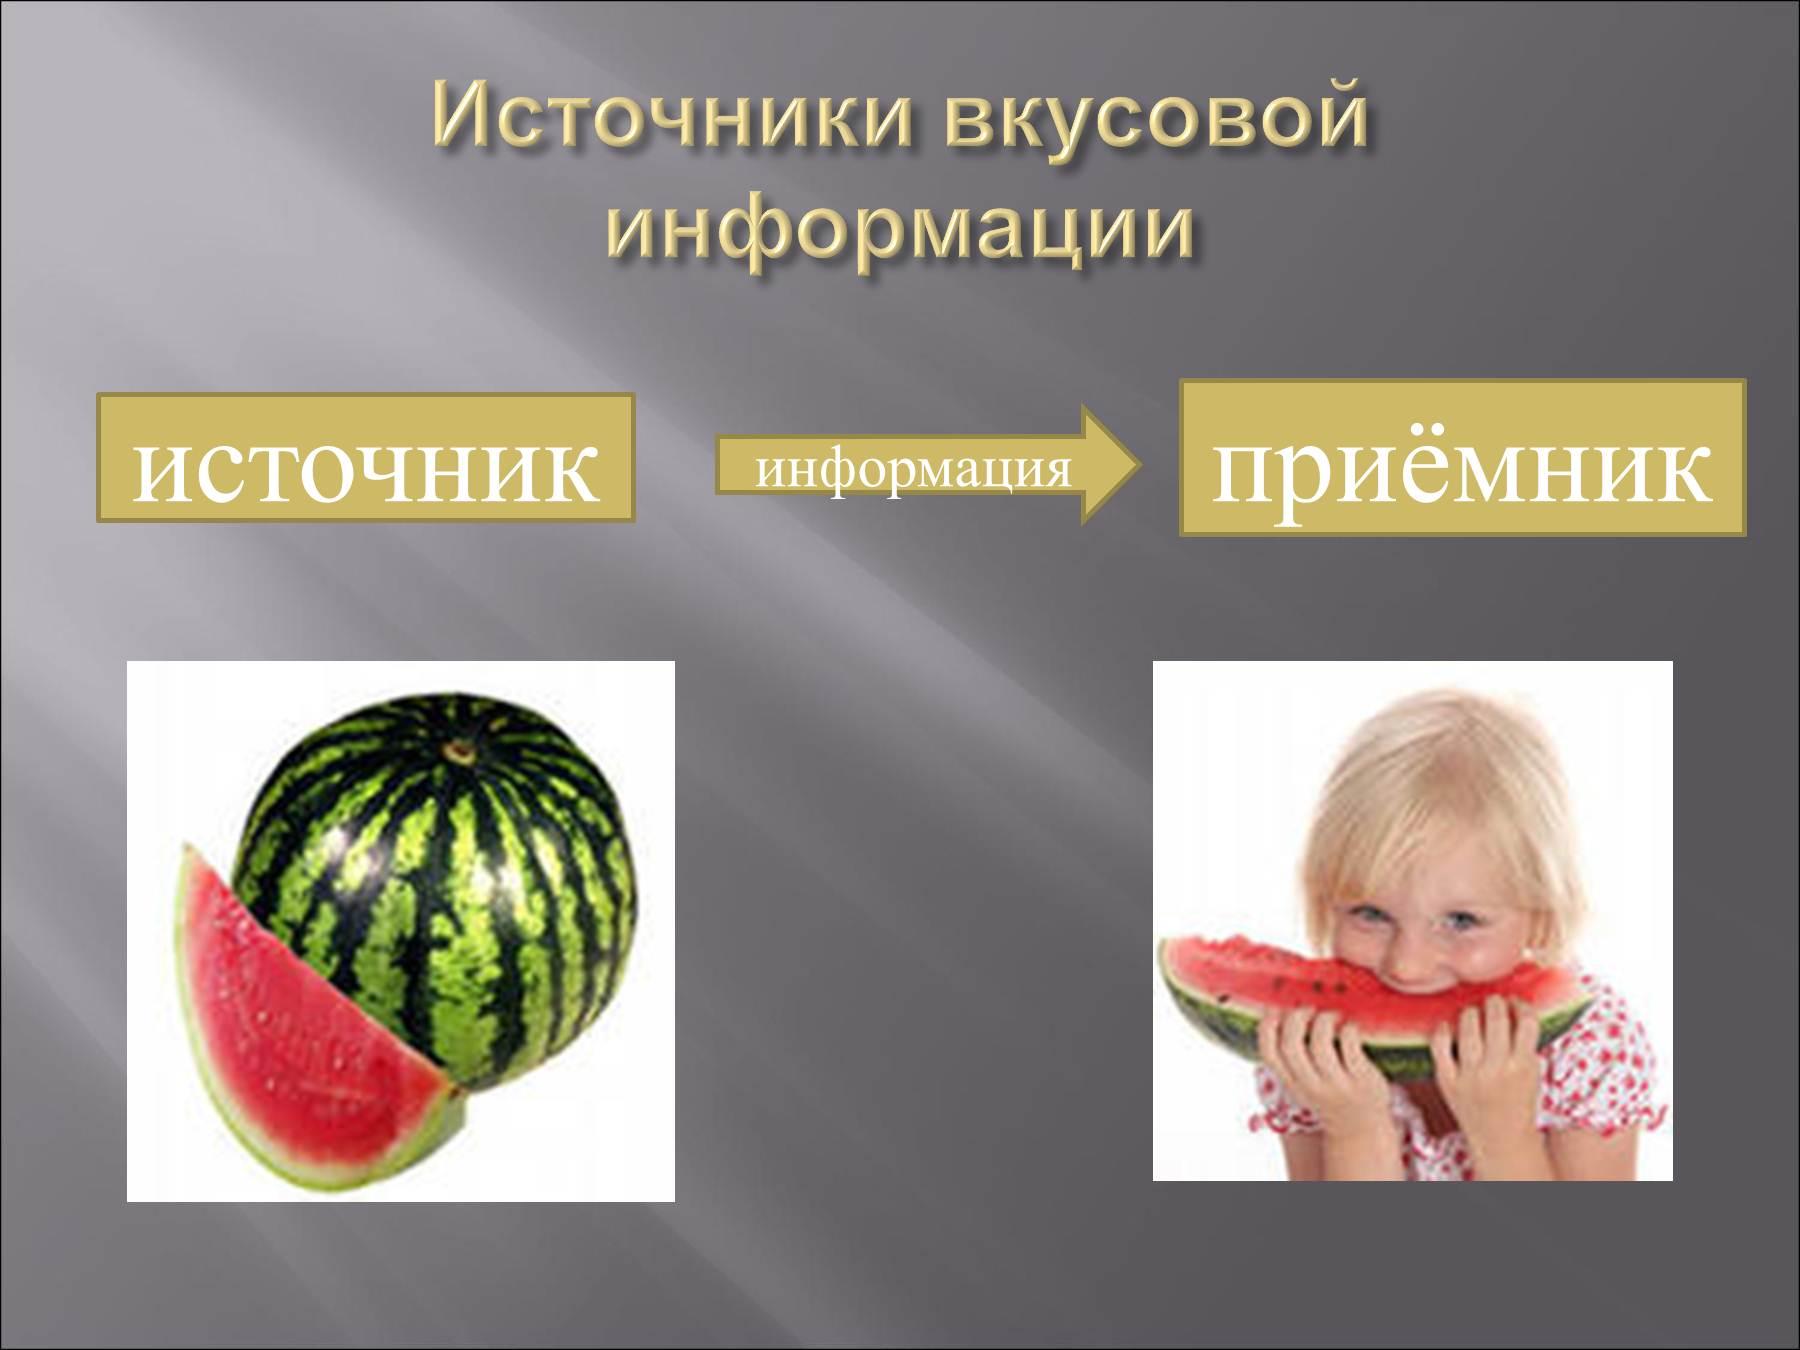 В общей схеме передачи информации между источником и приемником информации должен существовать